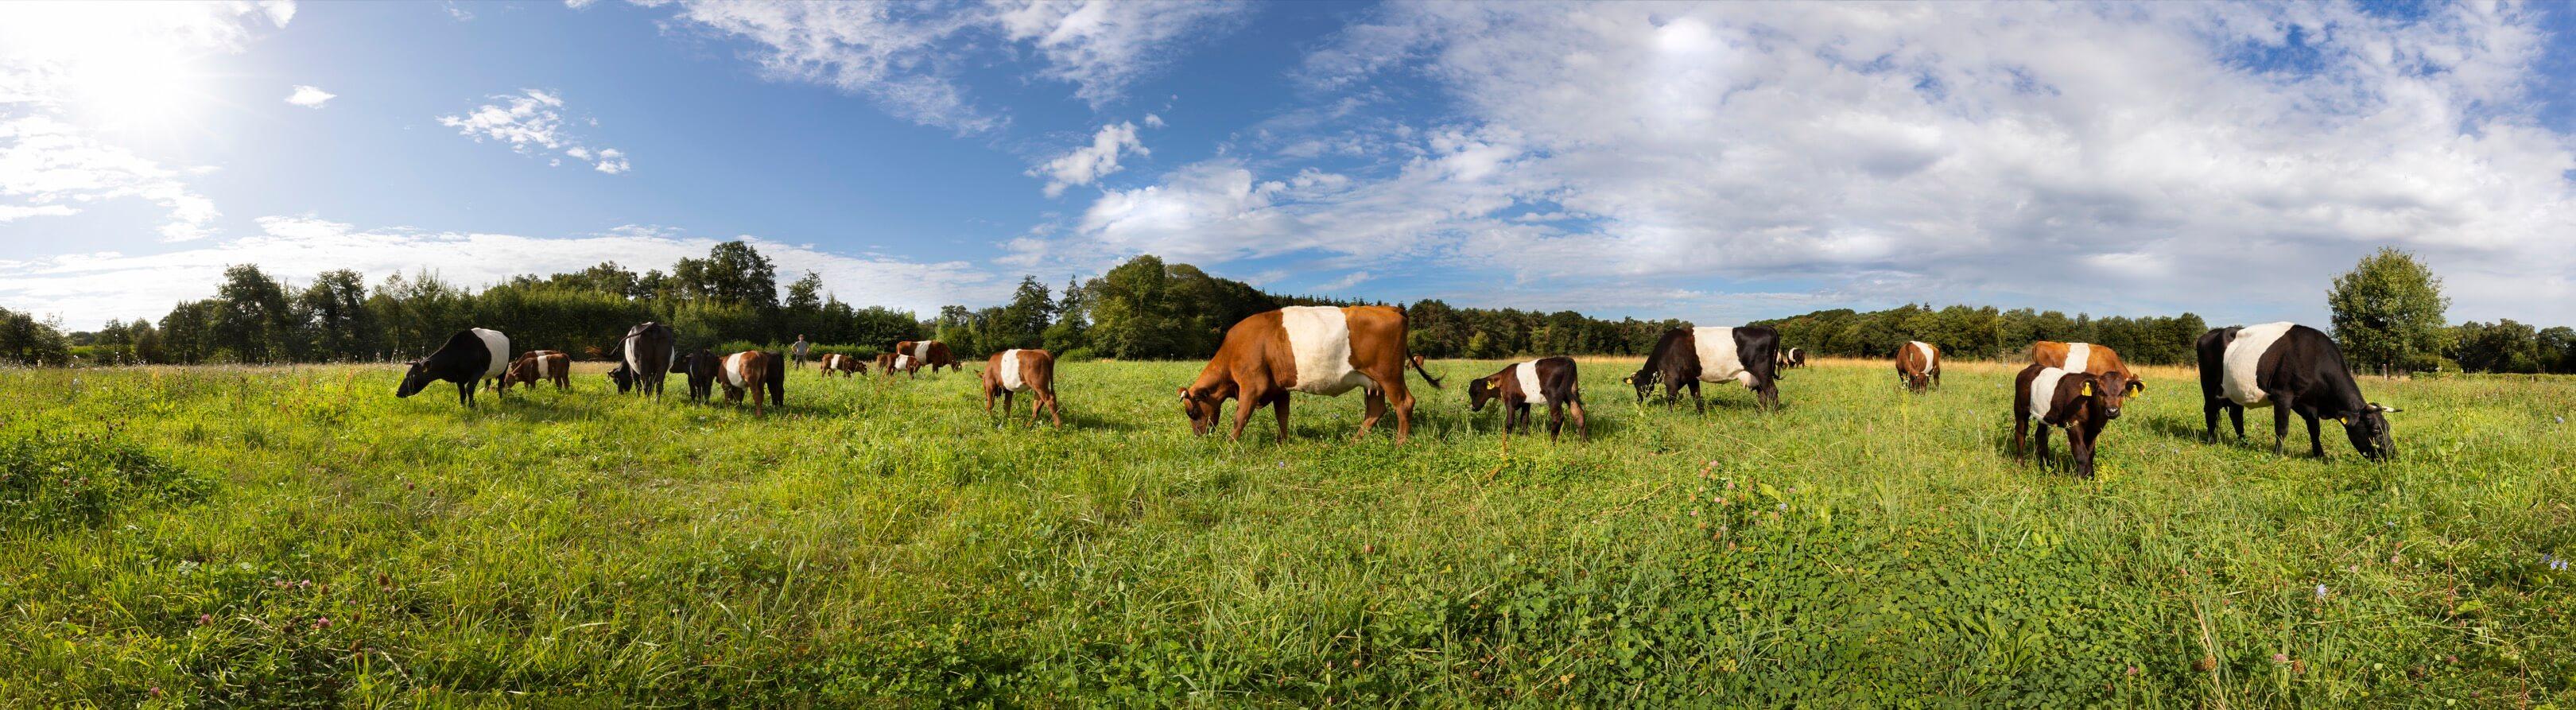 Jurjen Poeles fotografie Jelle Hidma en zijn Lakenvelders Koeien van Jelle Lakenvelder 180 graden foto